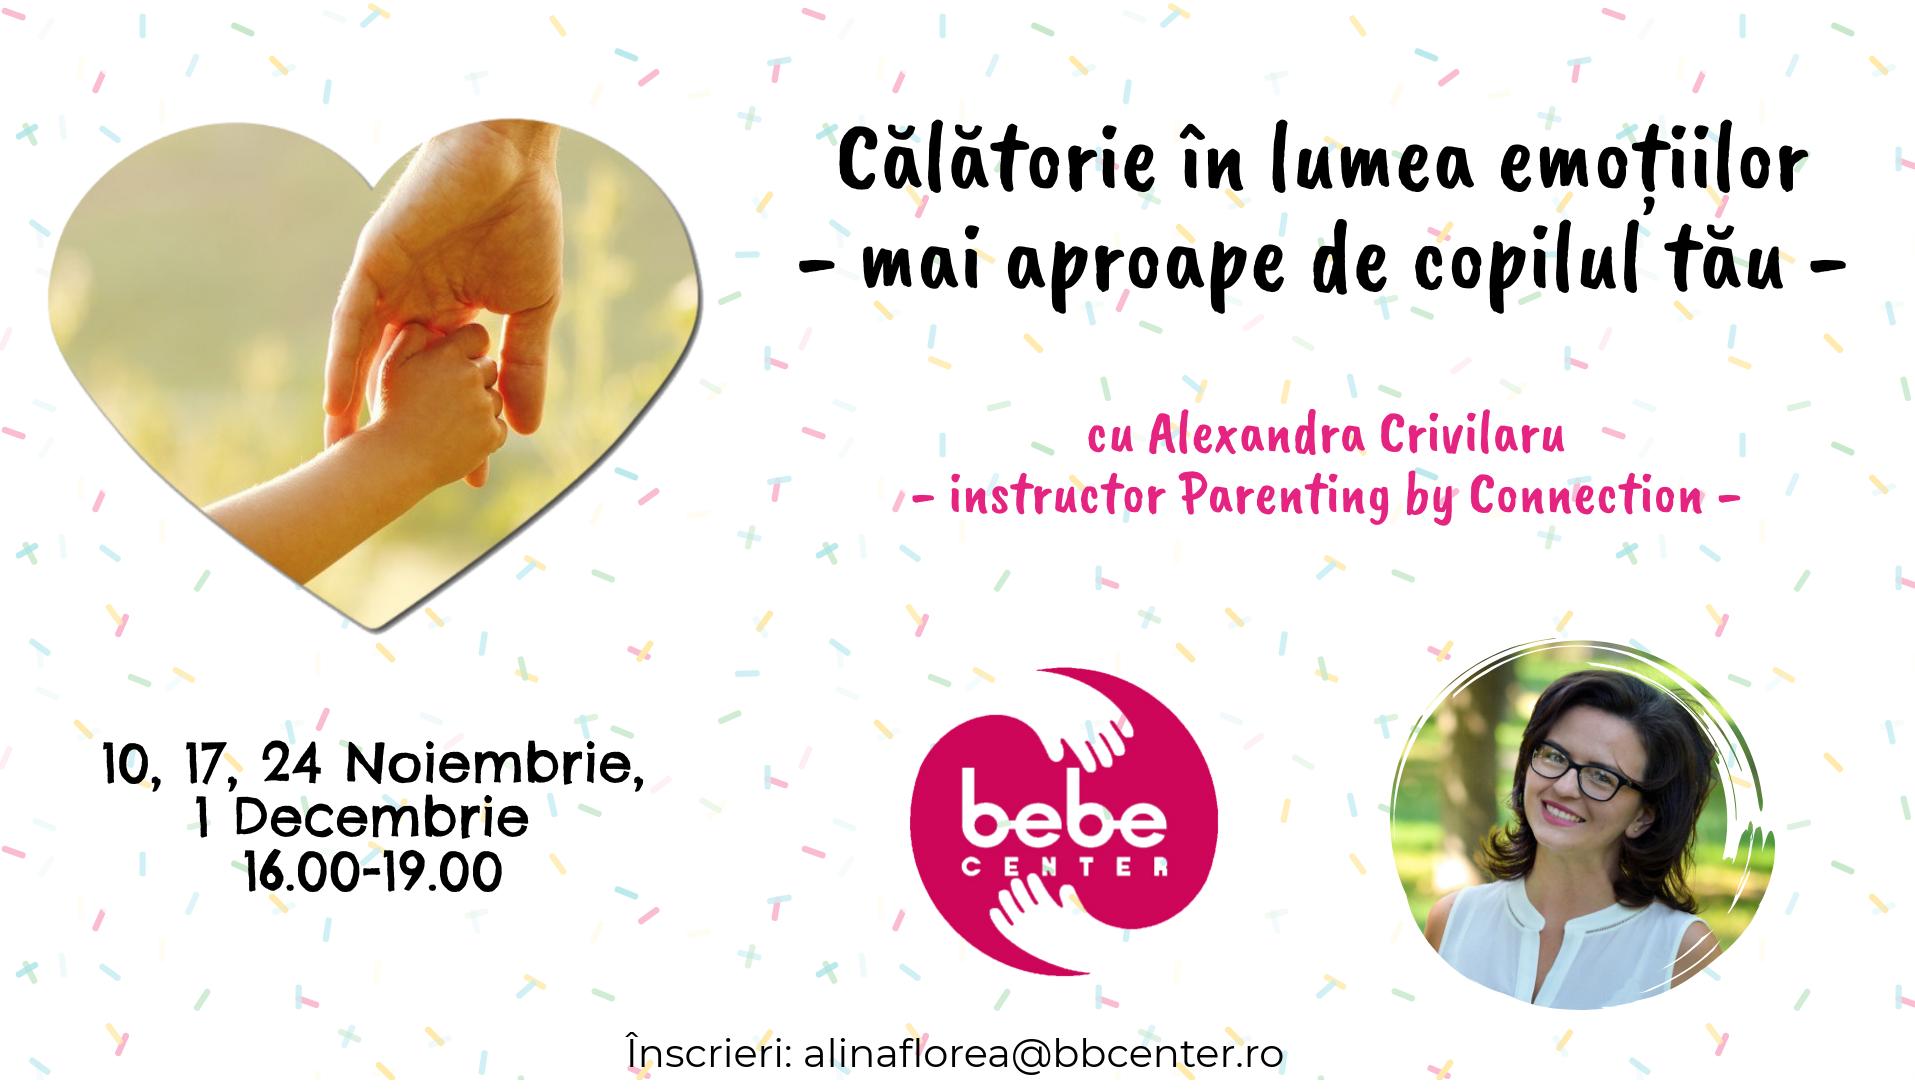 Călătorie în lumea emoțiilor - mai aproape de copilul tău @ BB Center Constanța | Constanța | Județul Constanța | Romania